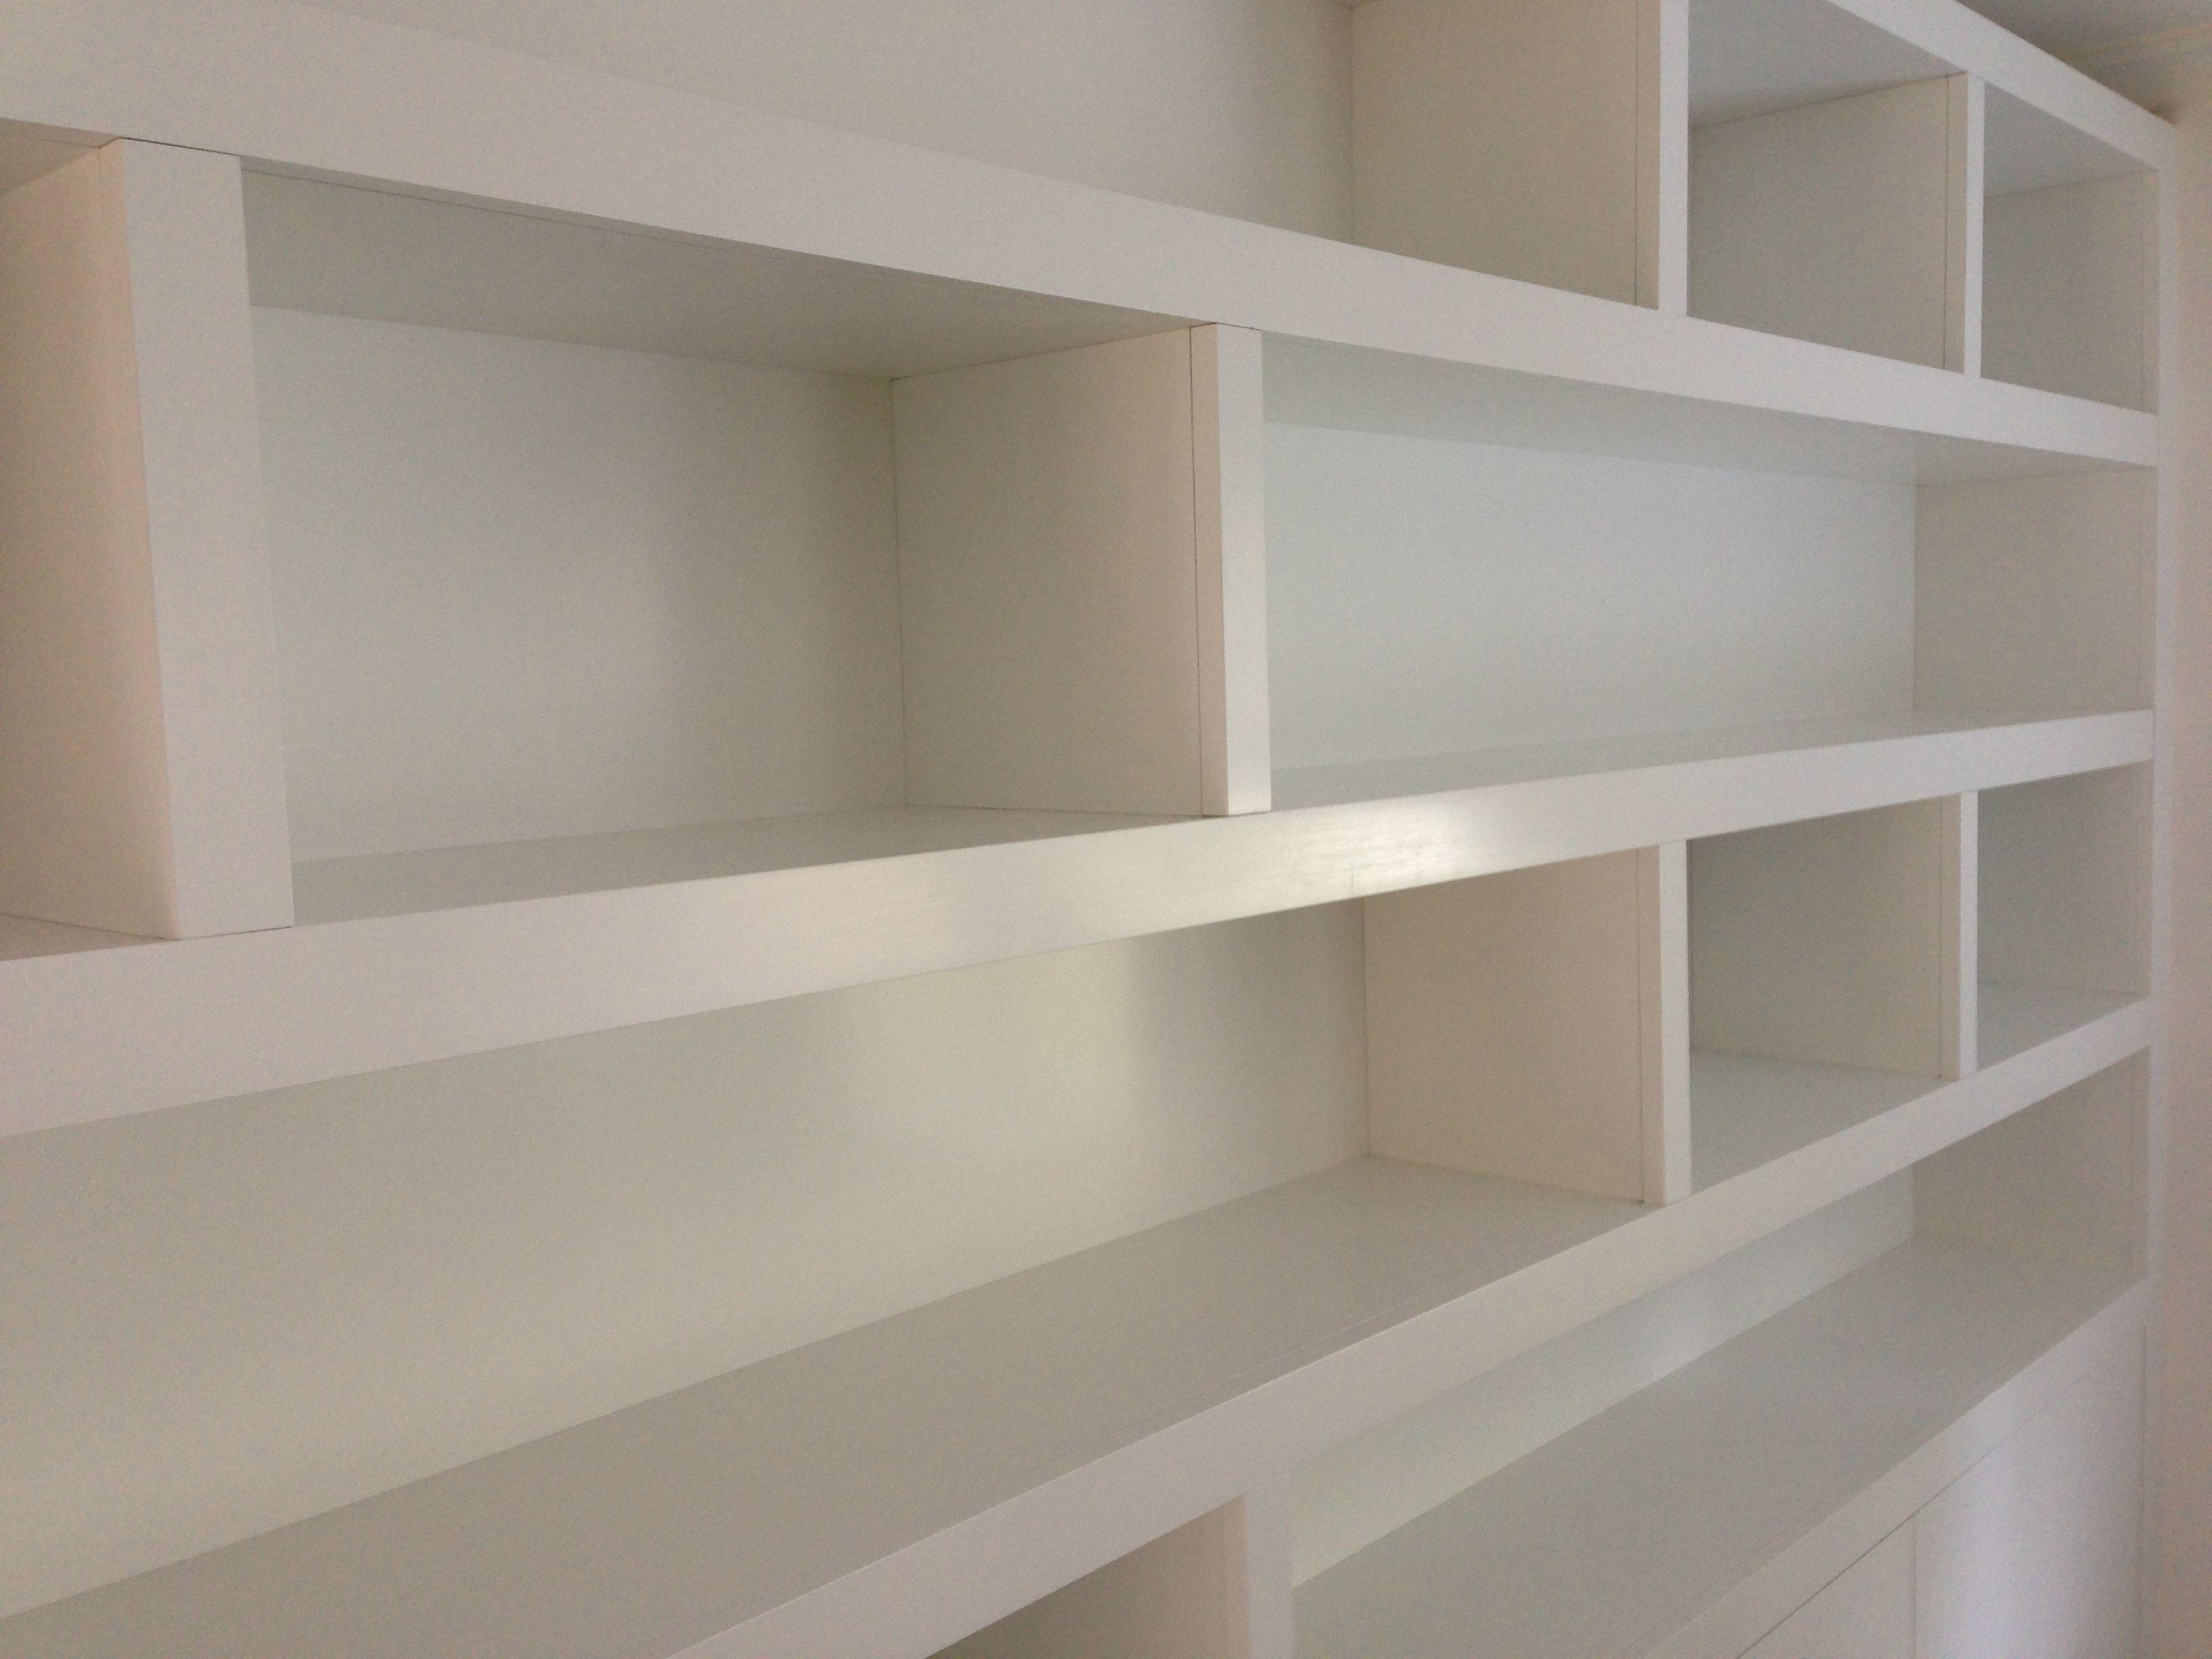 Moderne boekenkast met dikkere stijlen van 8 cm dik. Uitgevoerd in ...